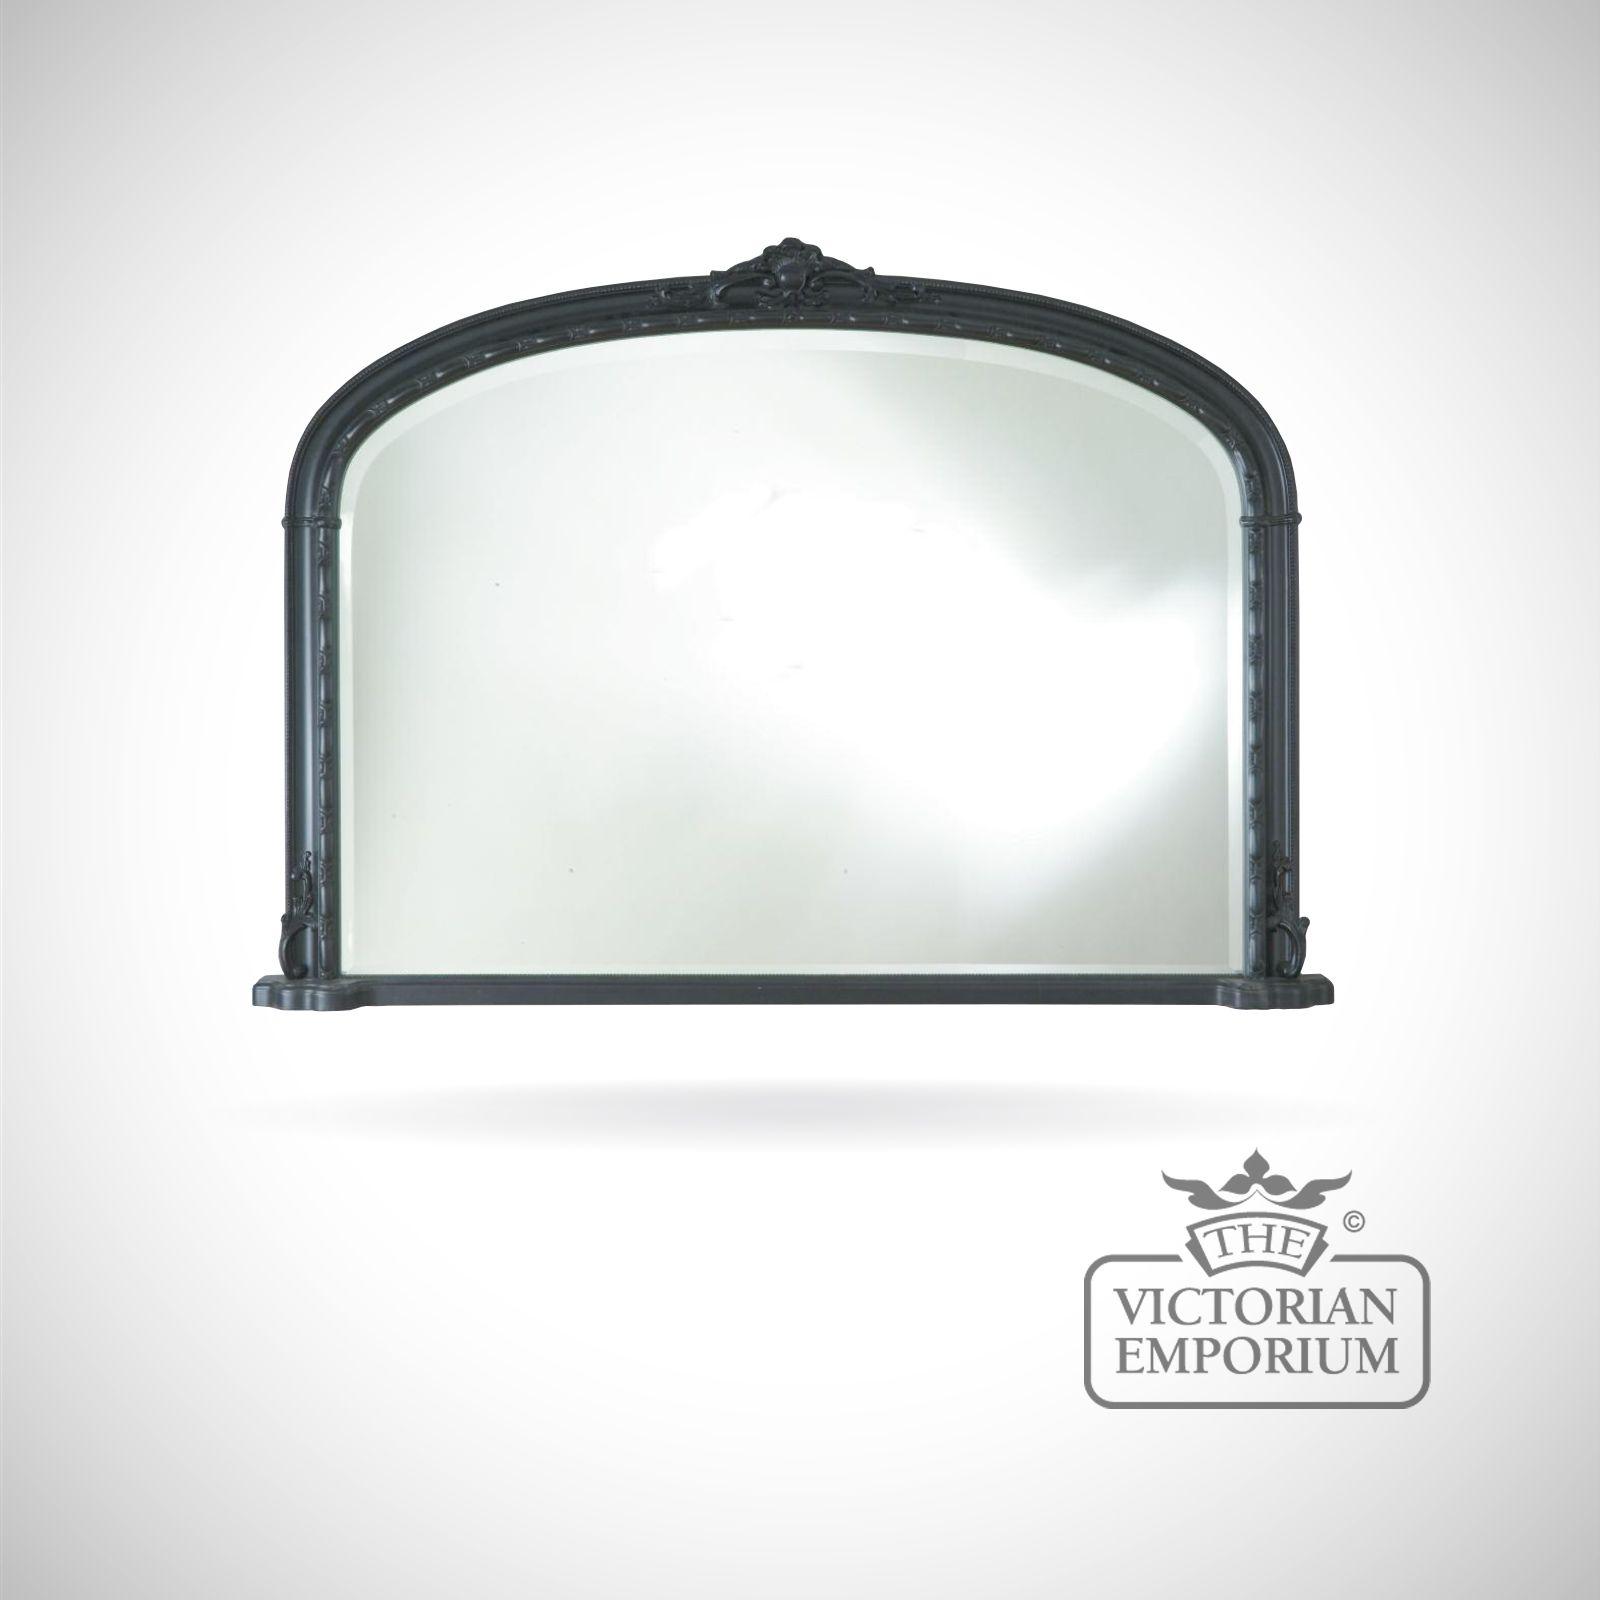 Hampton Overmantle Mirror With Black Frame 127cm X 91cm